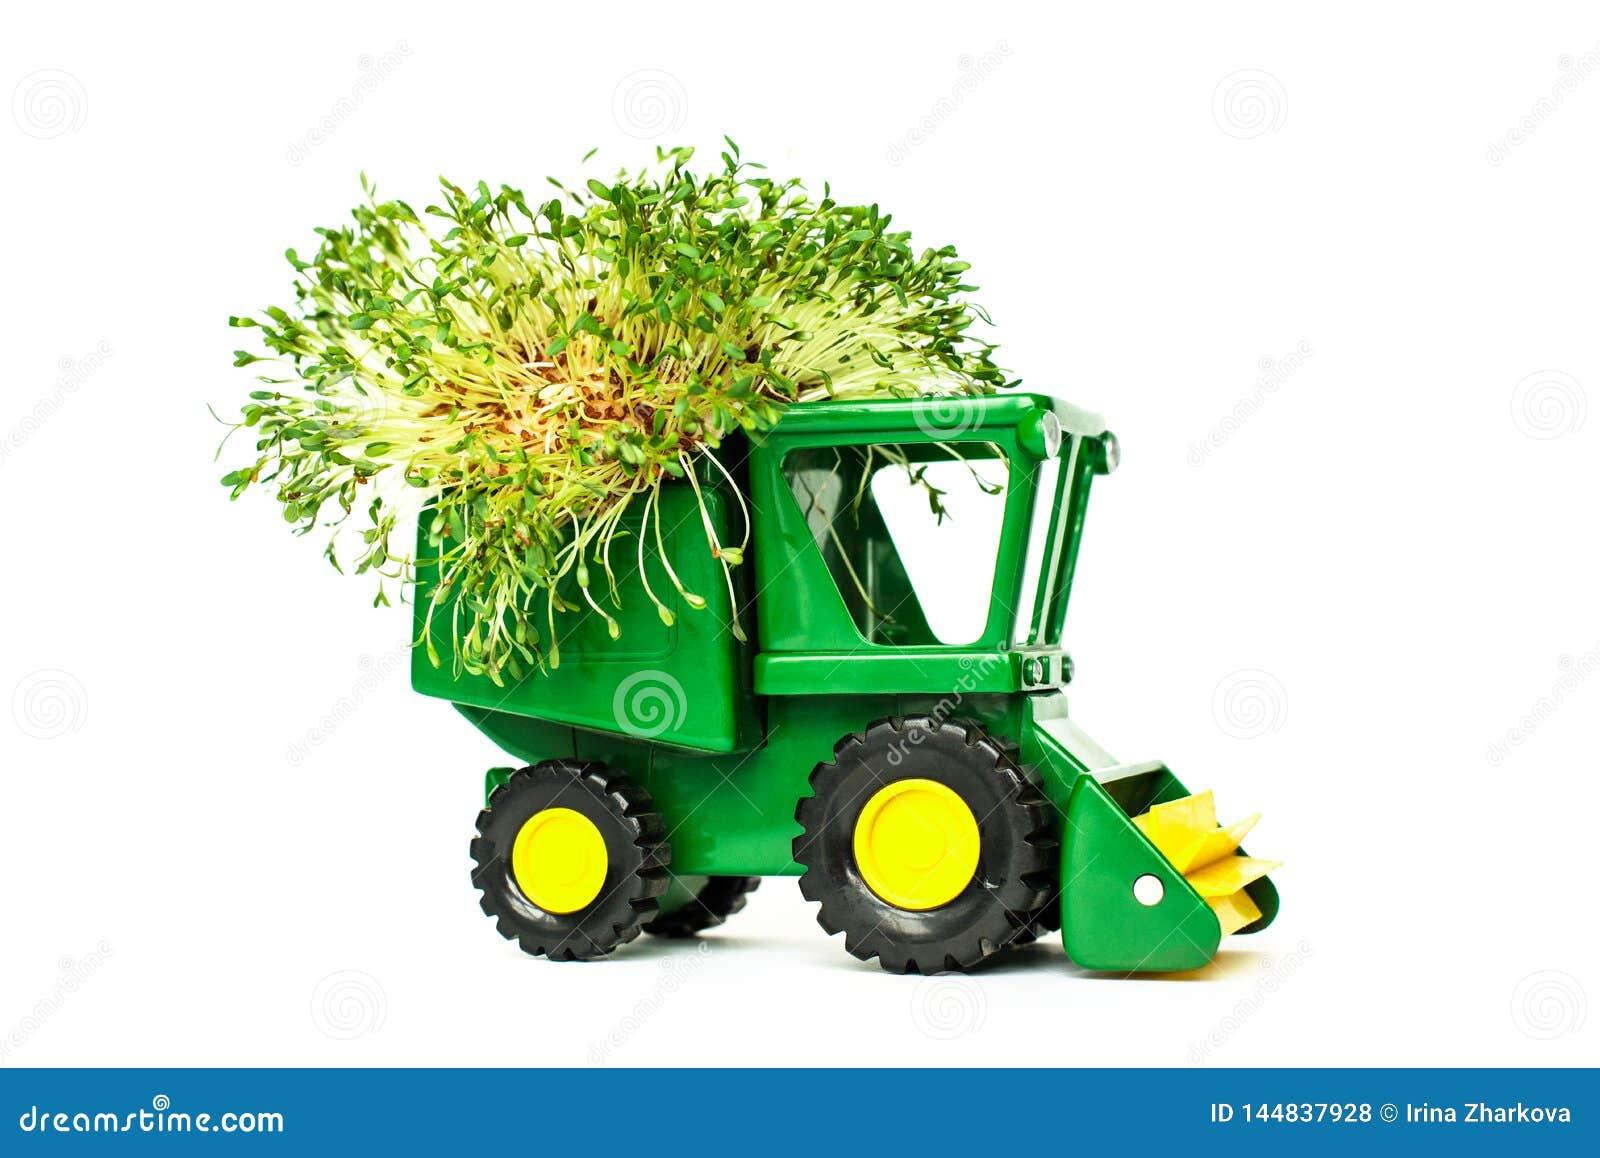 Zielony zabawkarski rolniczy ciągnik, zbierający, uprawiający ziemię maszynerię na białym tła miejscu dla teksta, odizolow